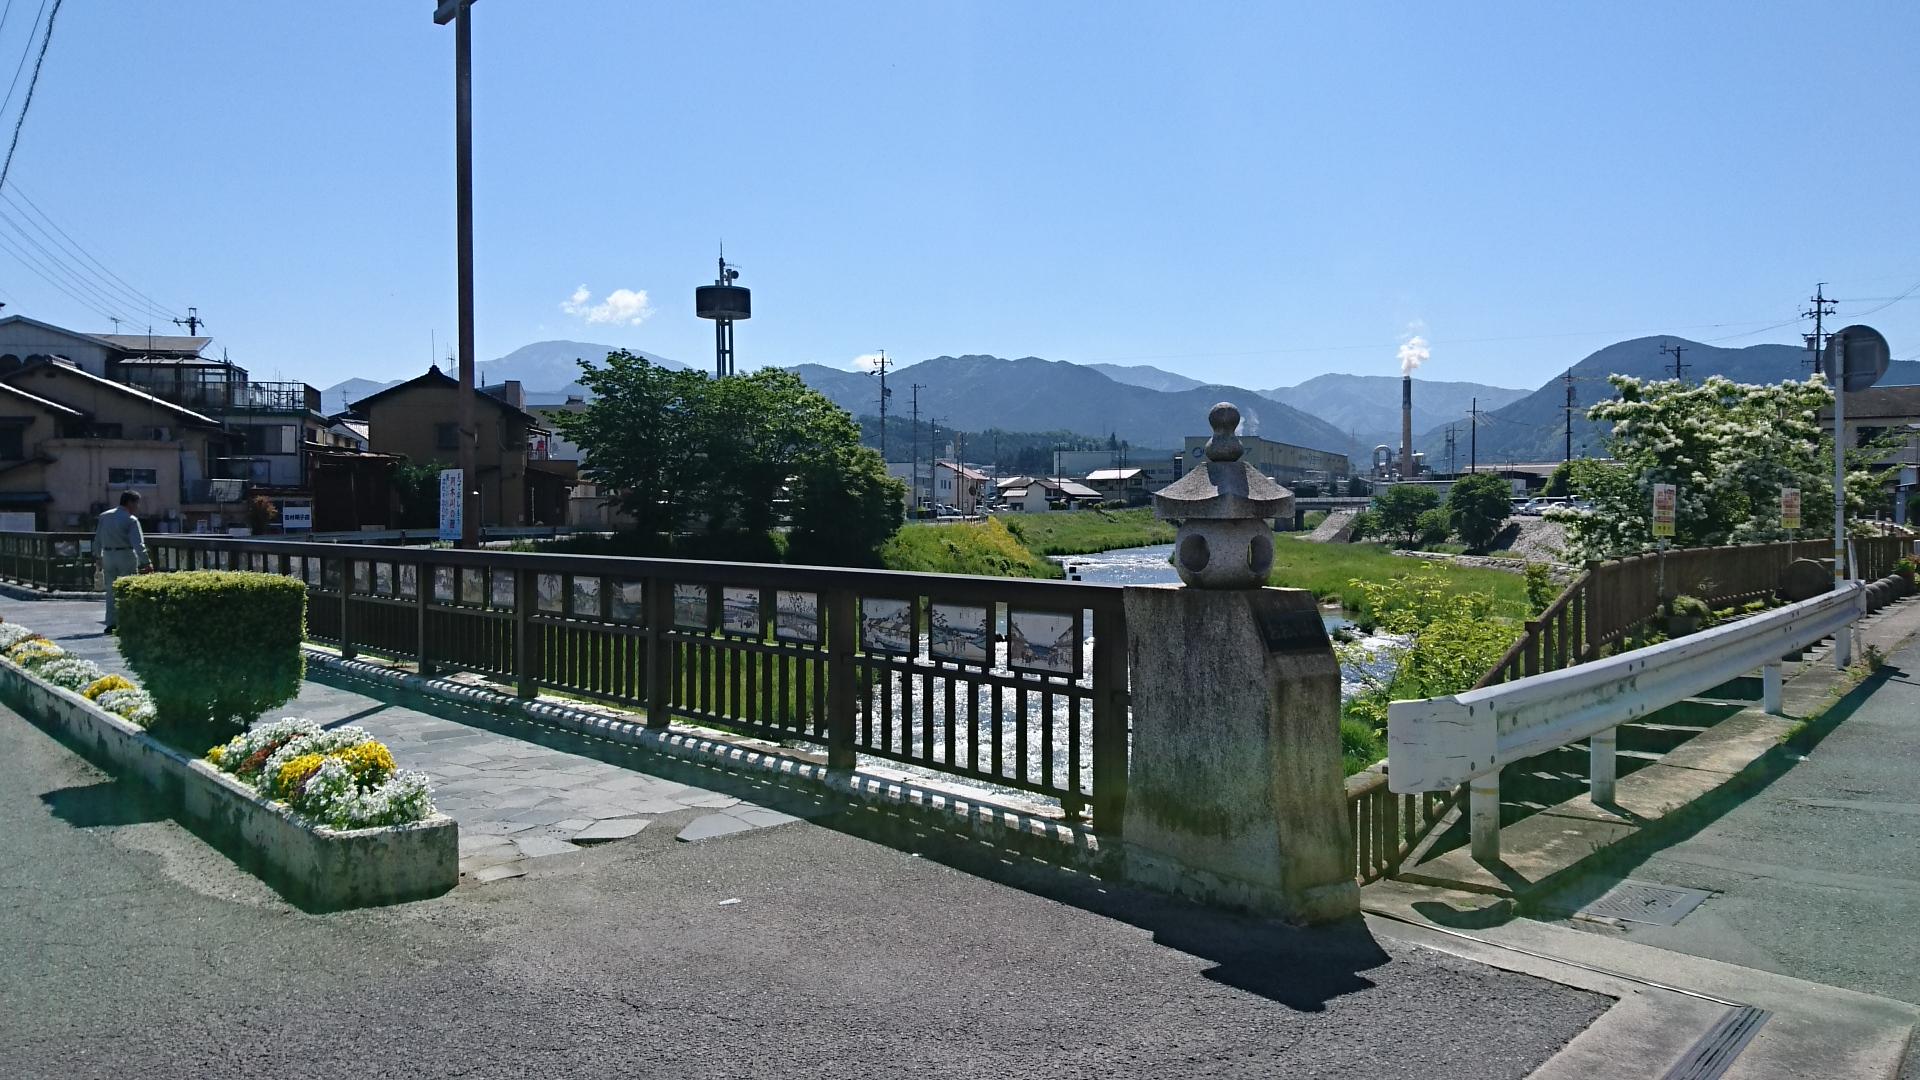 2017.5.19 大井 (18) 中山道 - 大井橋 1920-1080